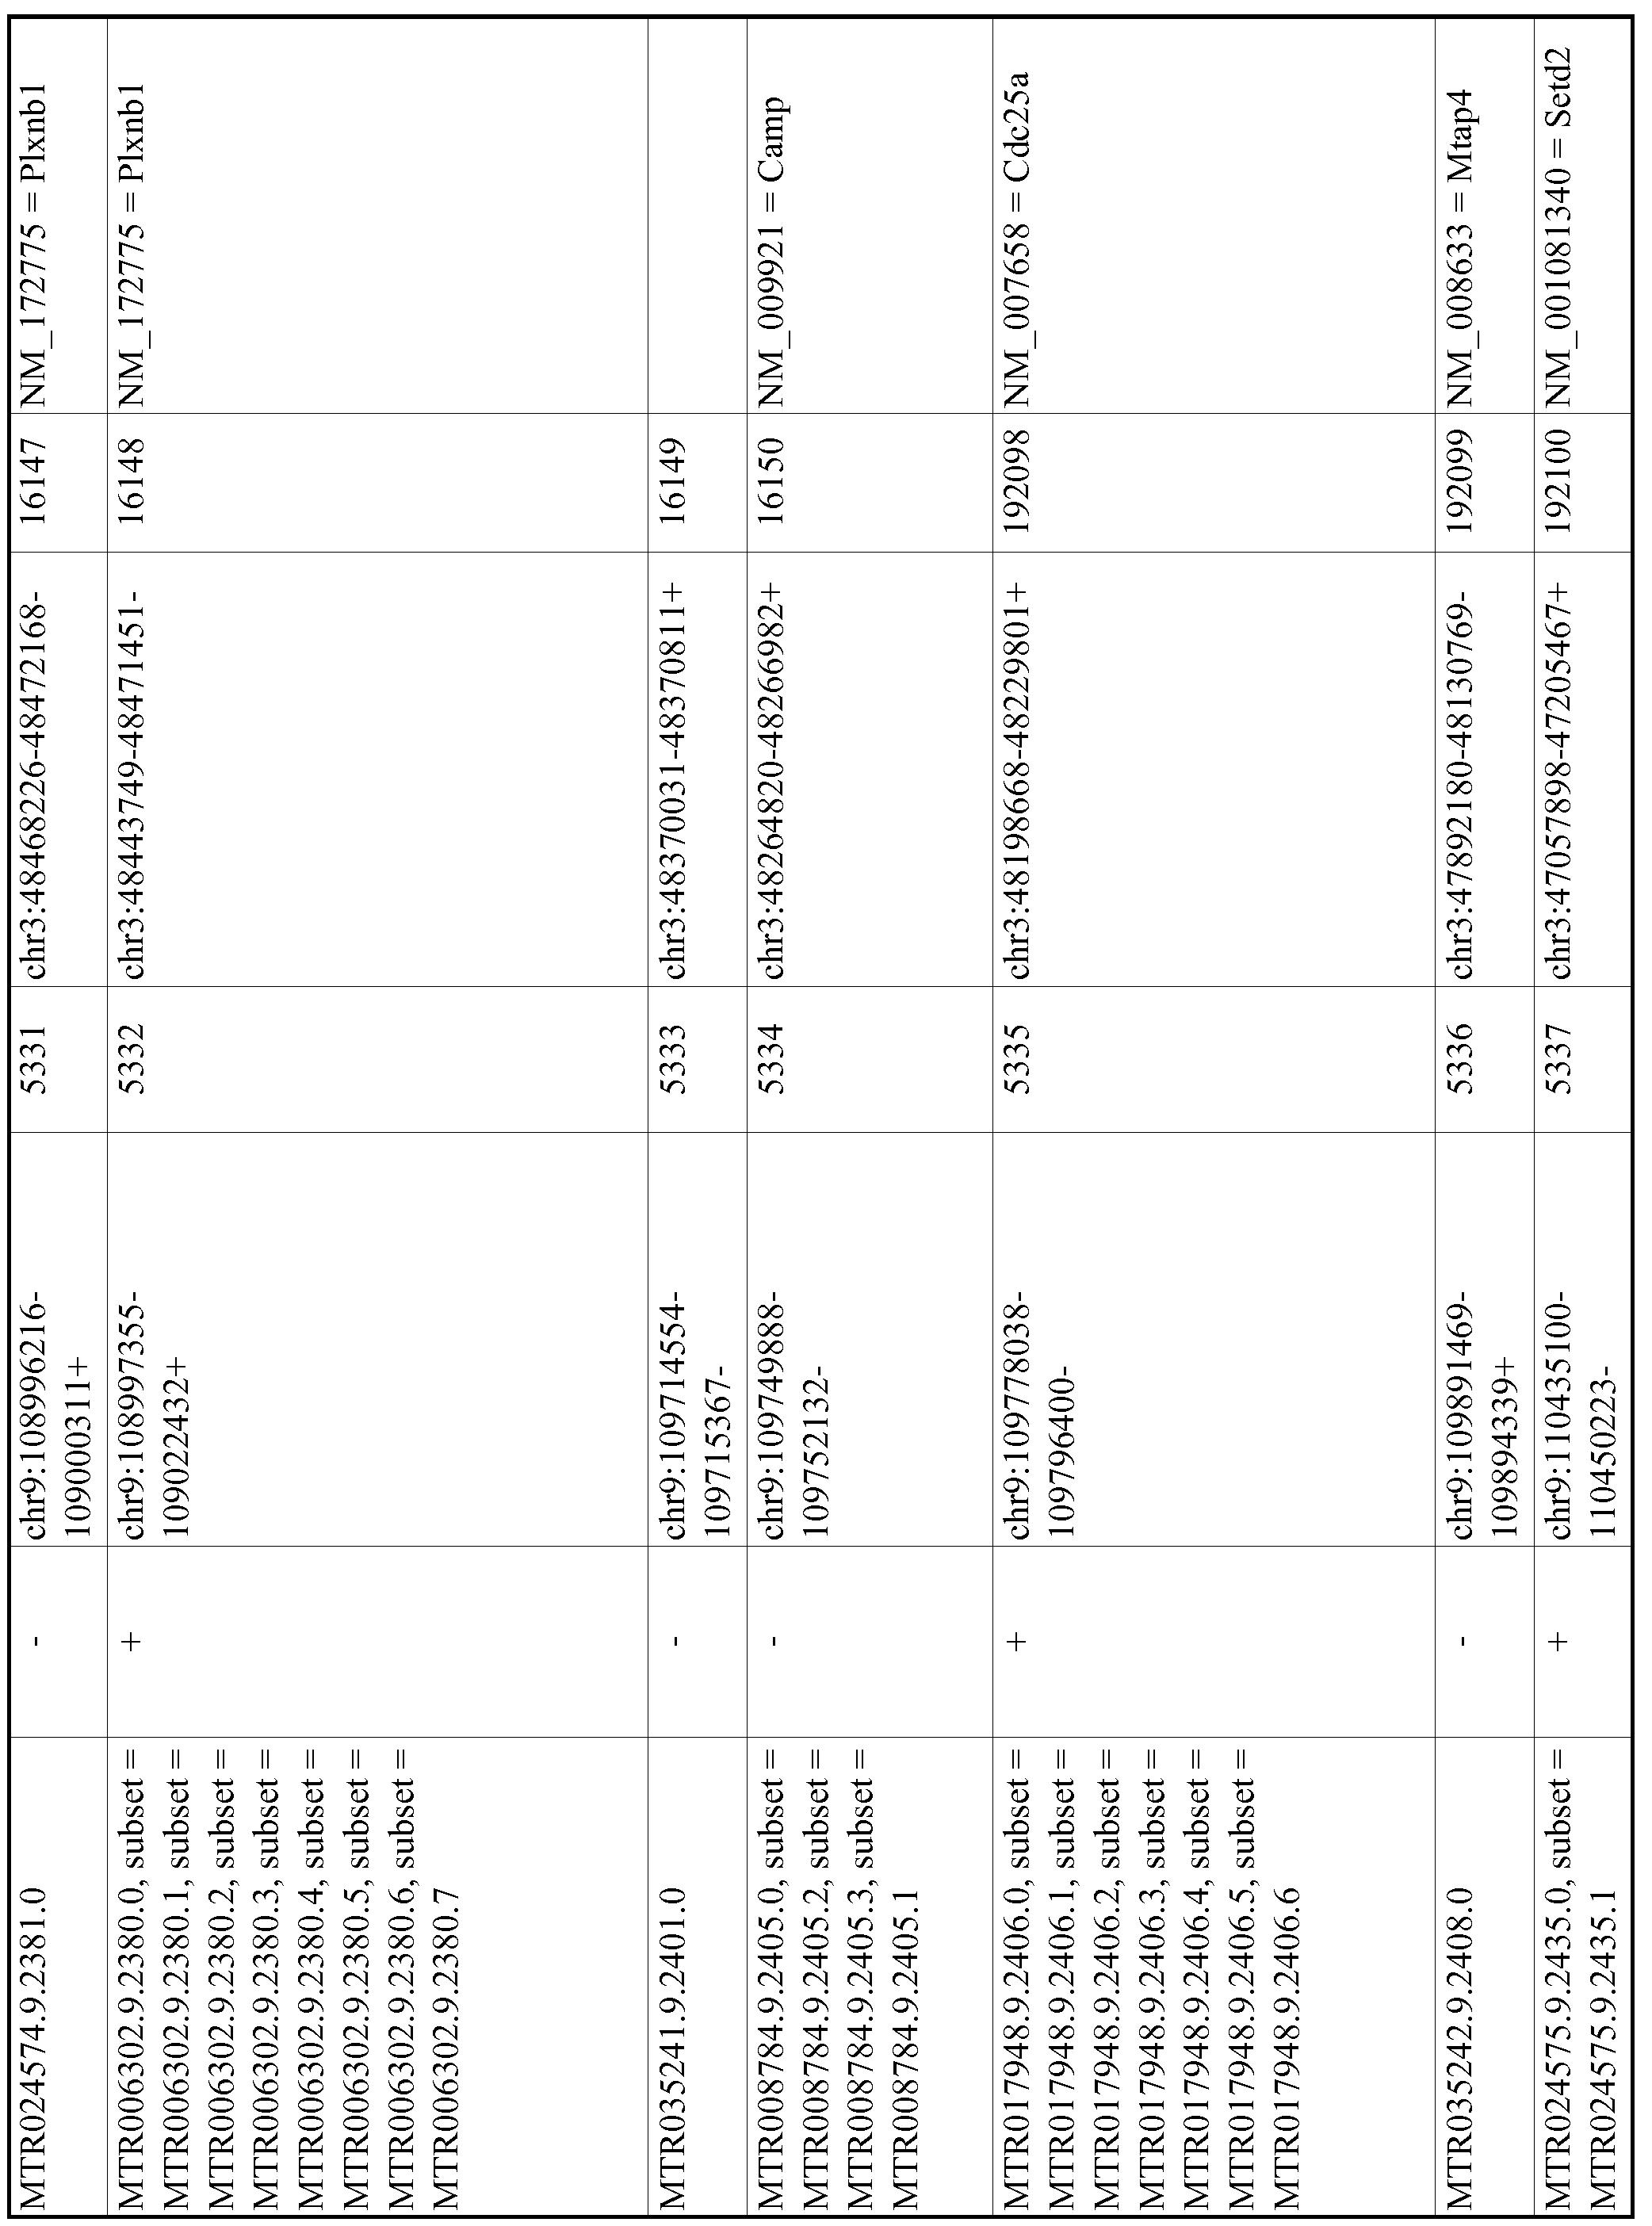 Figure imgf000965_0001